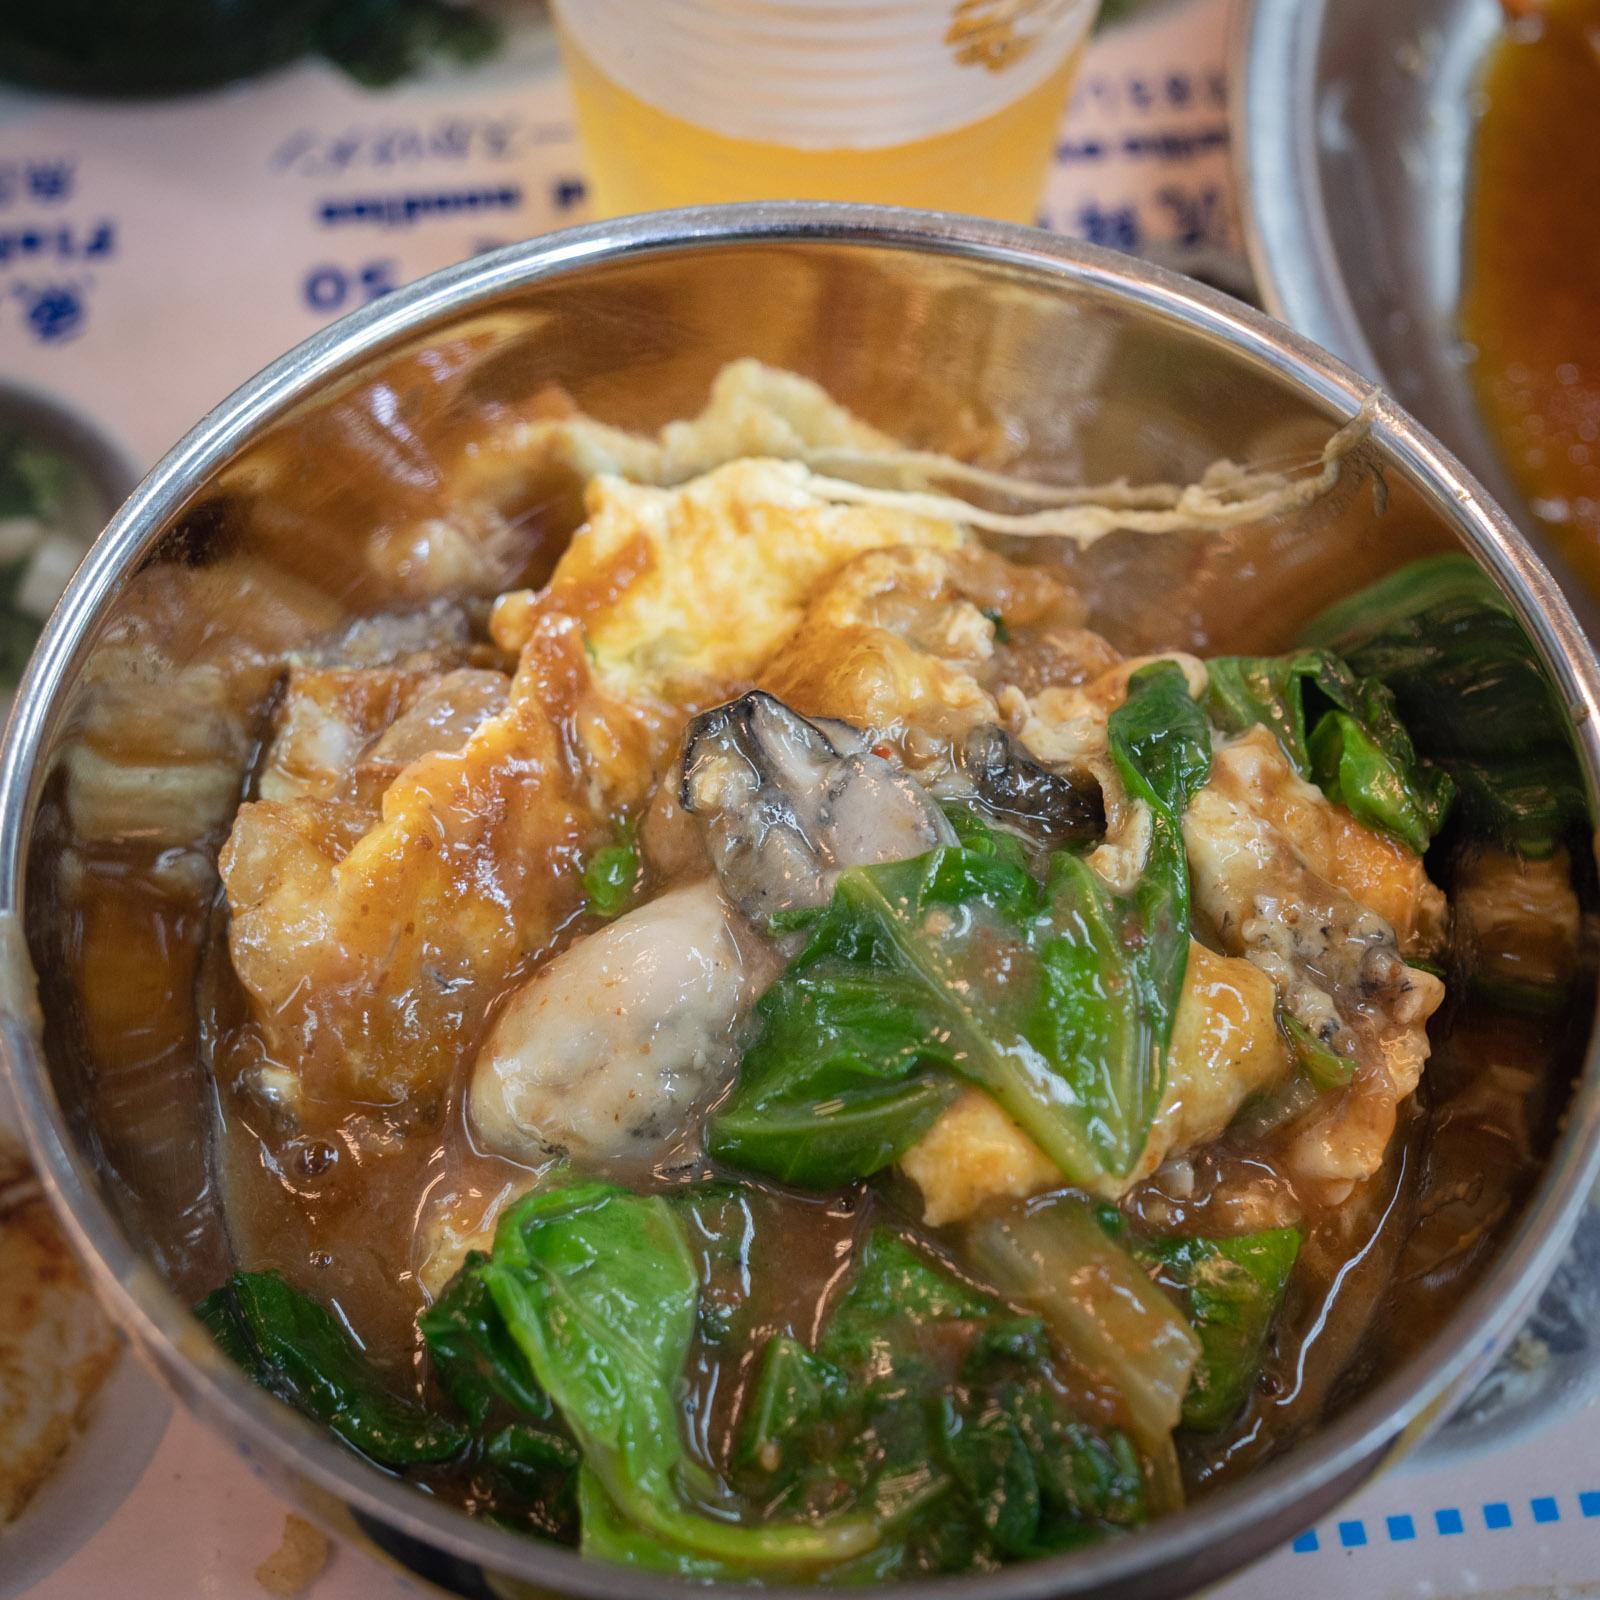 士林夜市地下フードコートの牡蠣オムレツ(牡蠣の玉子焼き)60元(220円)